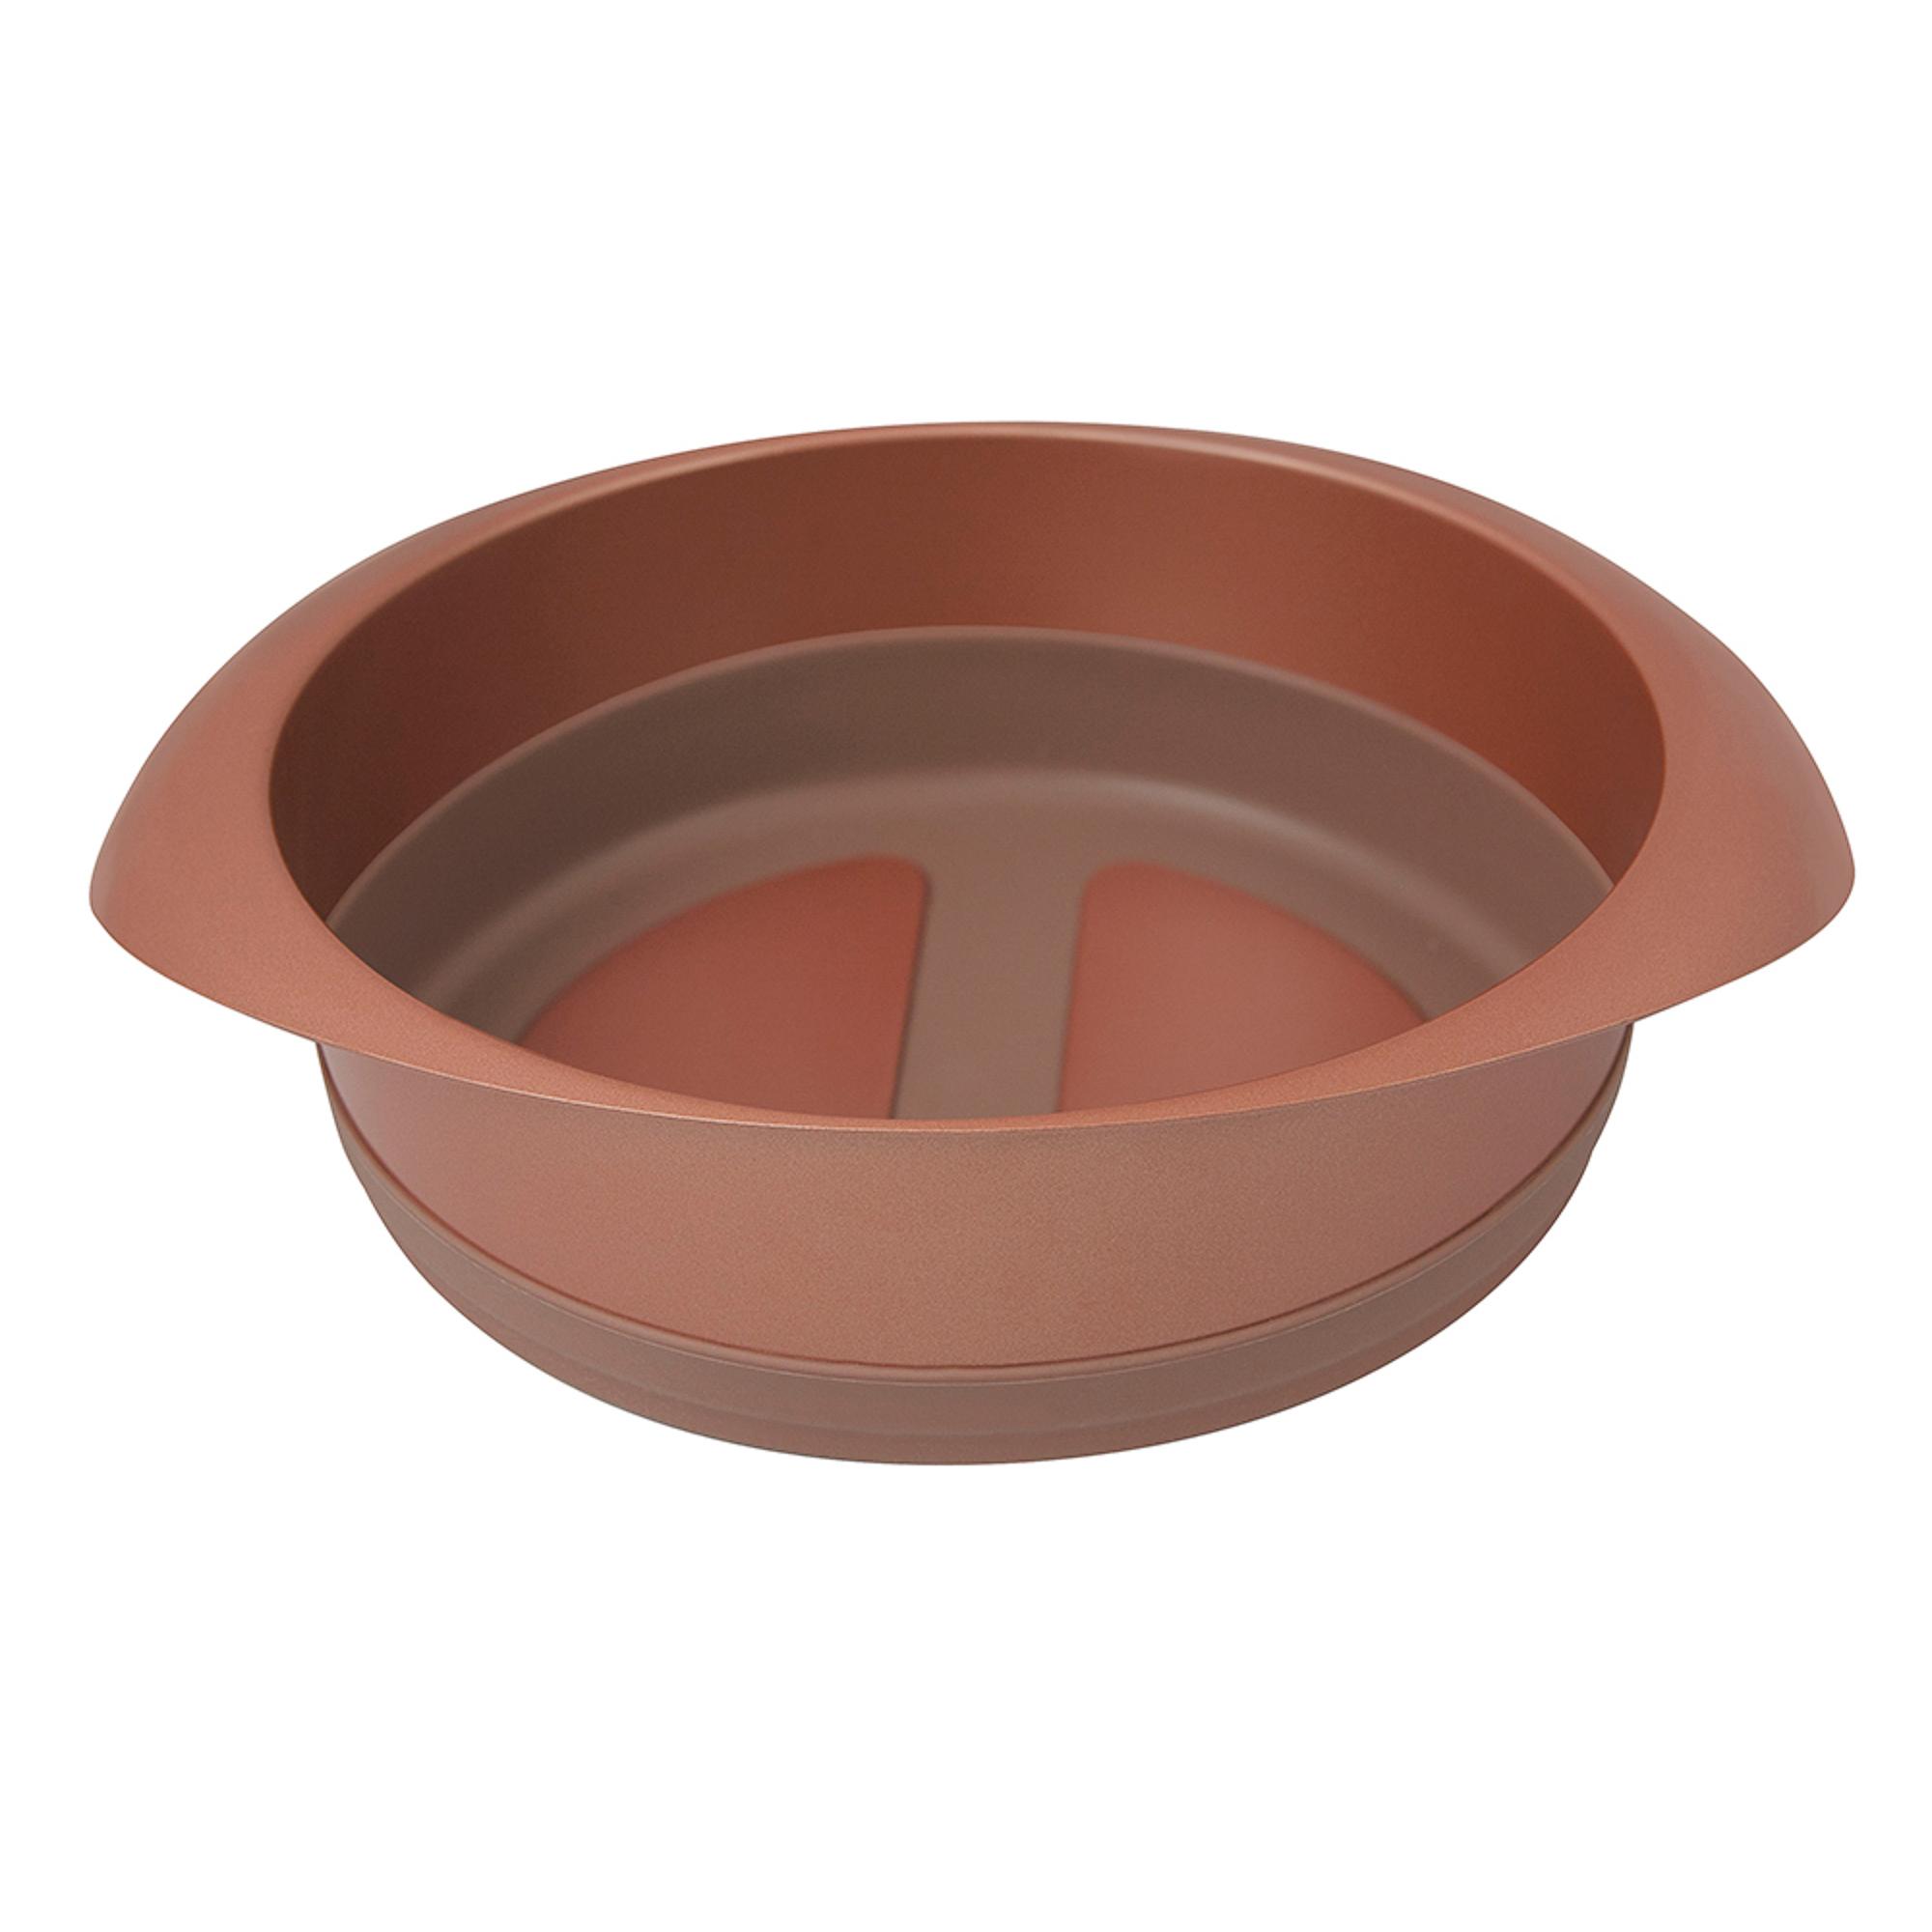 Форма для выпечки Rondell Karamelle 18 см кисточка rondell karamelle rd 627